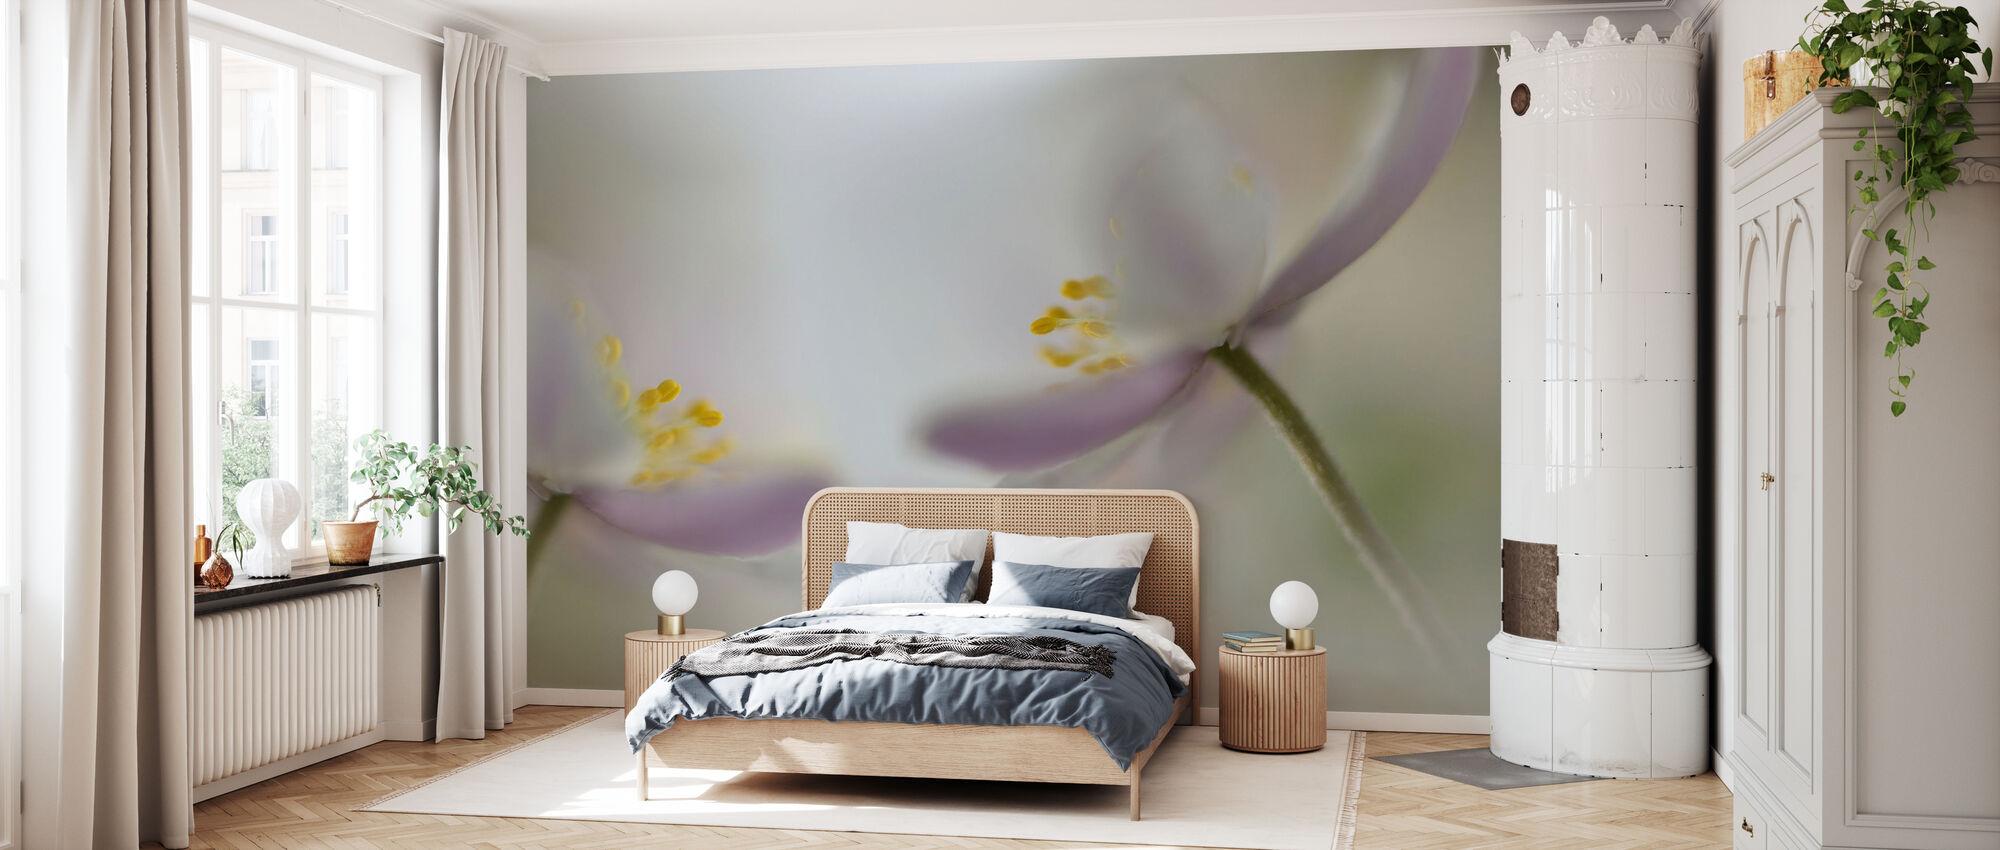 Soft Whispering - Wallpaper - Bedroom